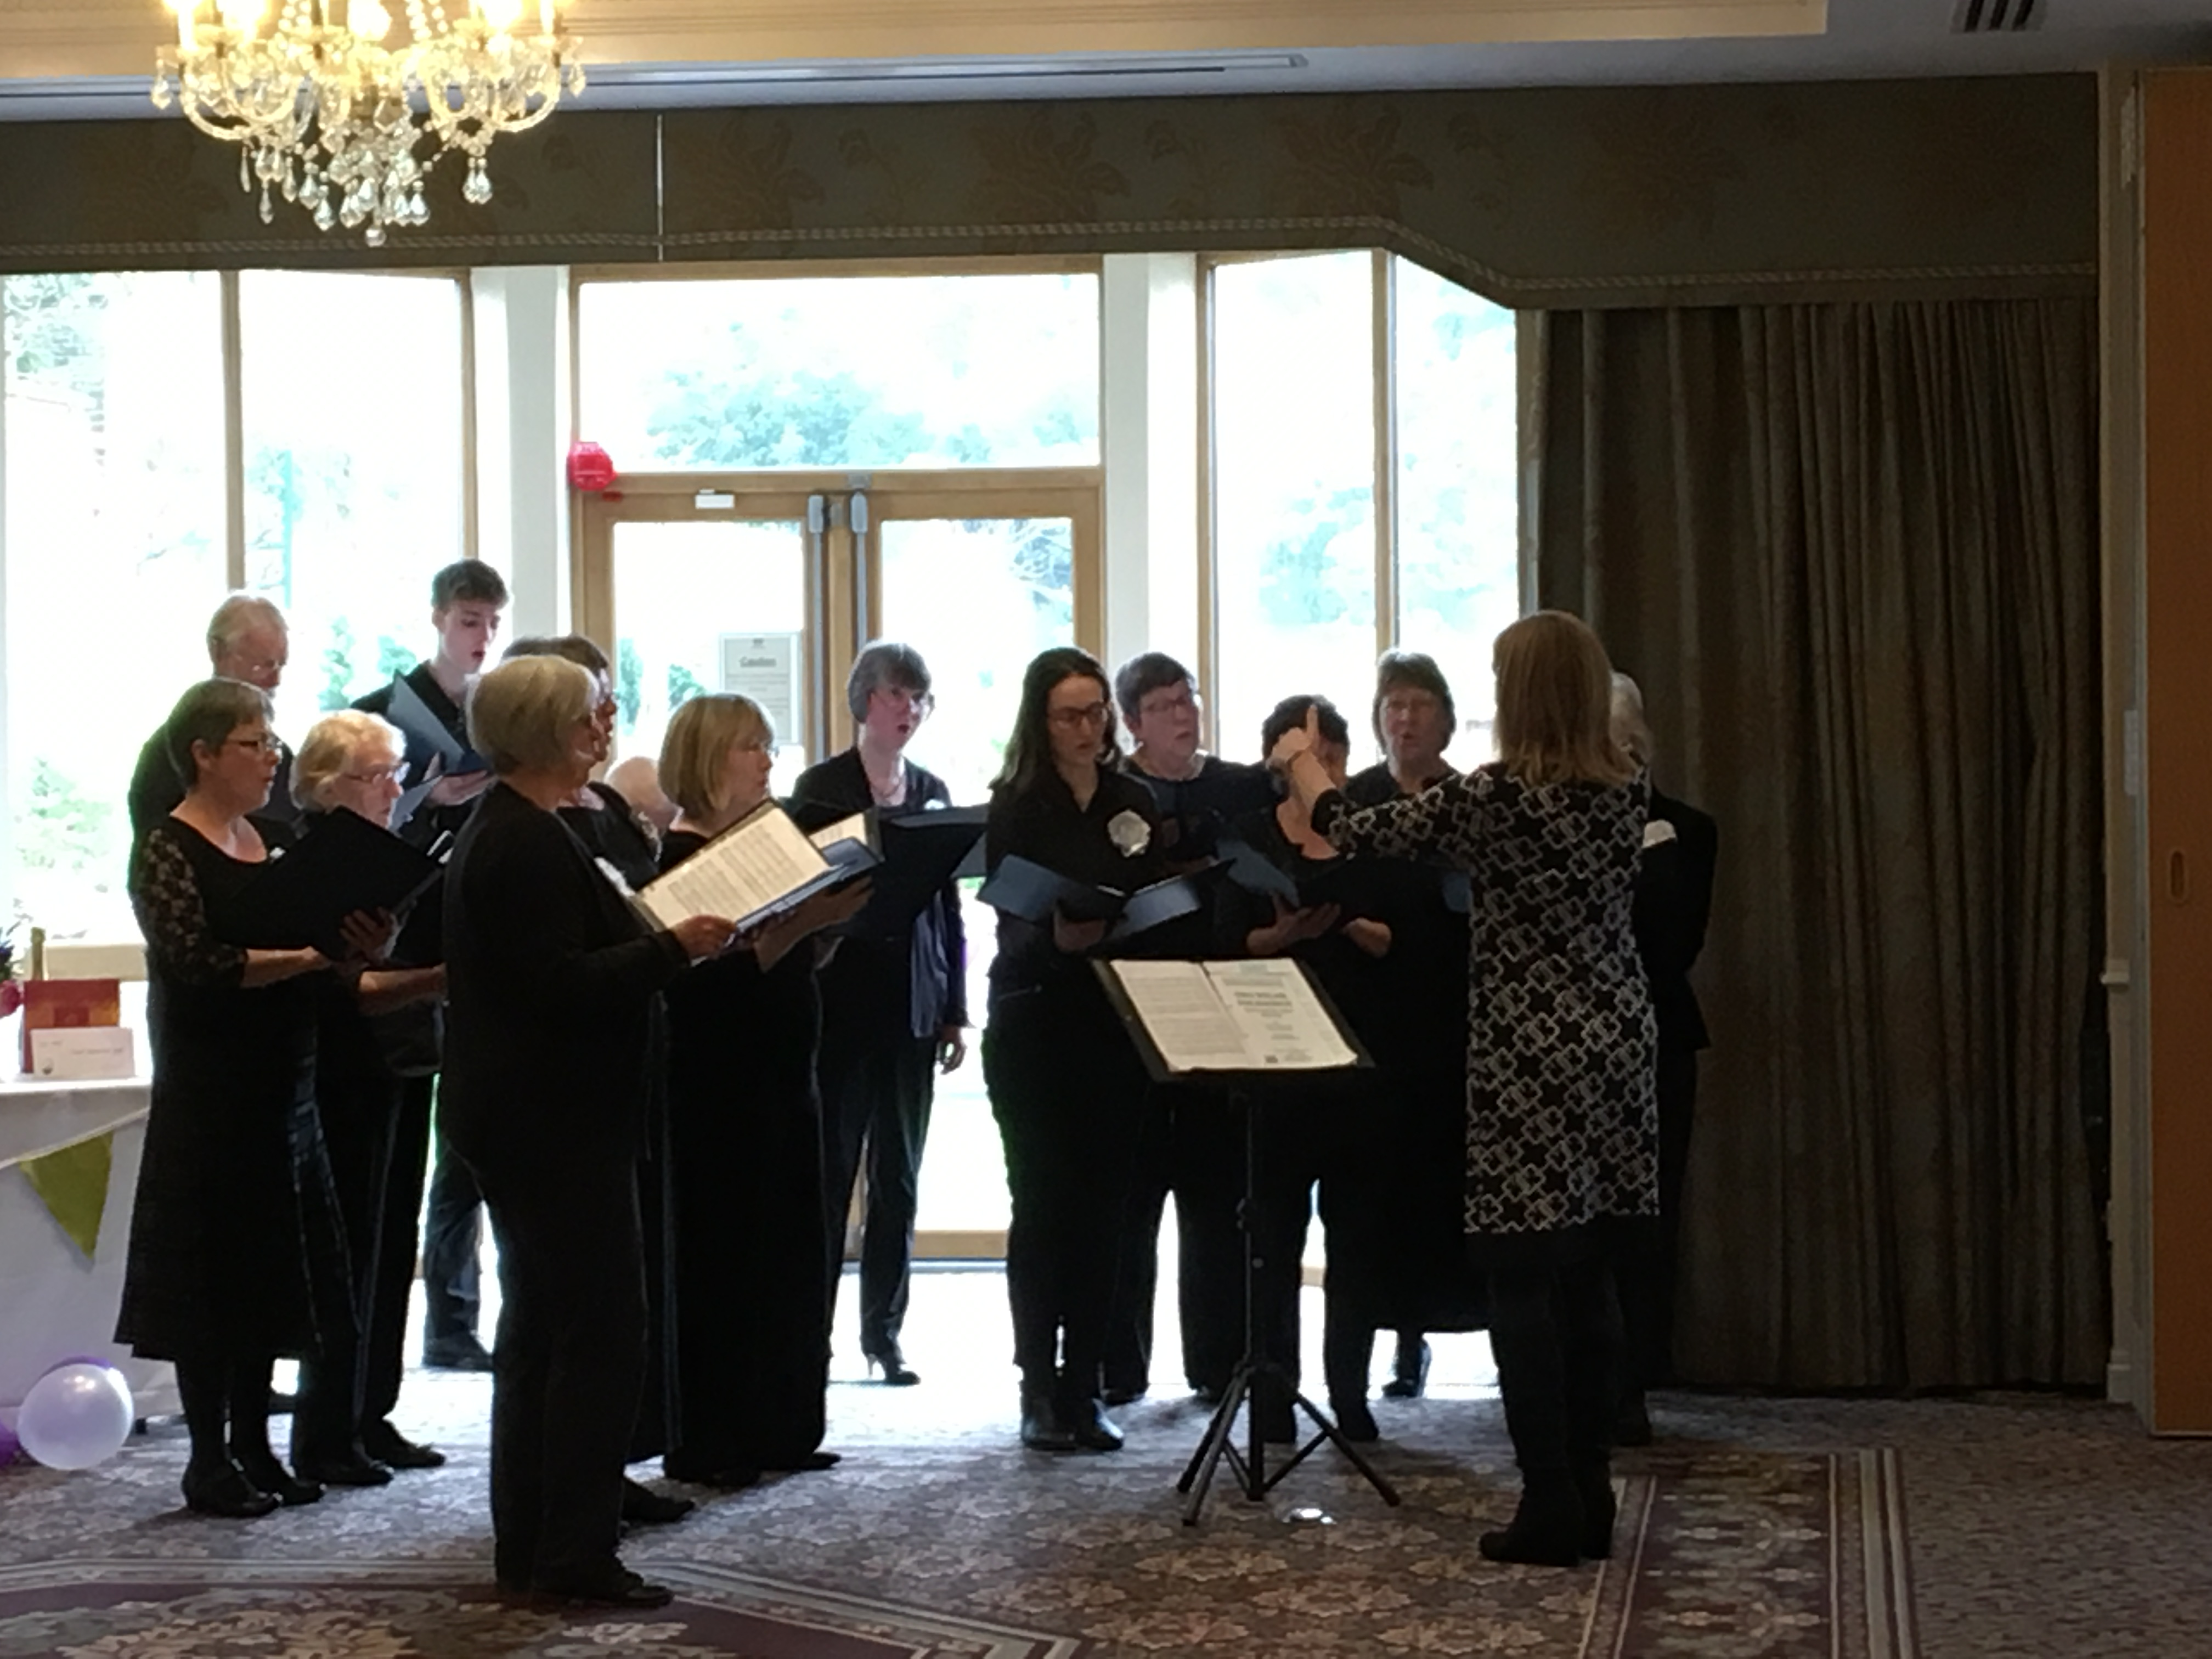 Quorum Singers at Shendish Manor